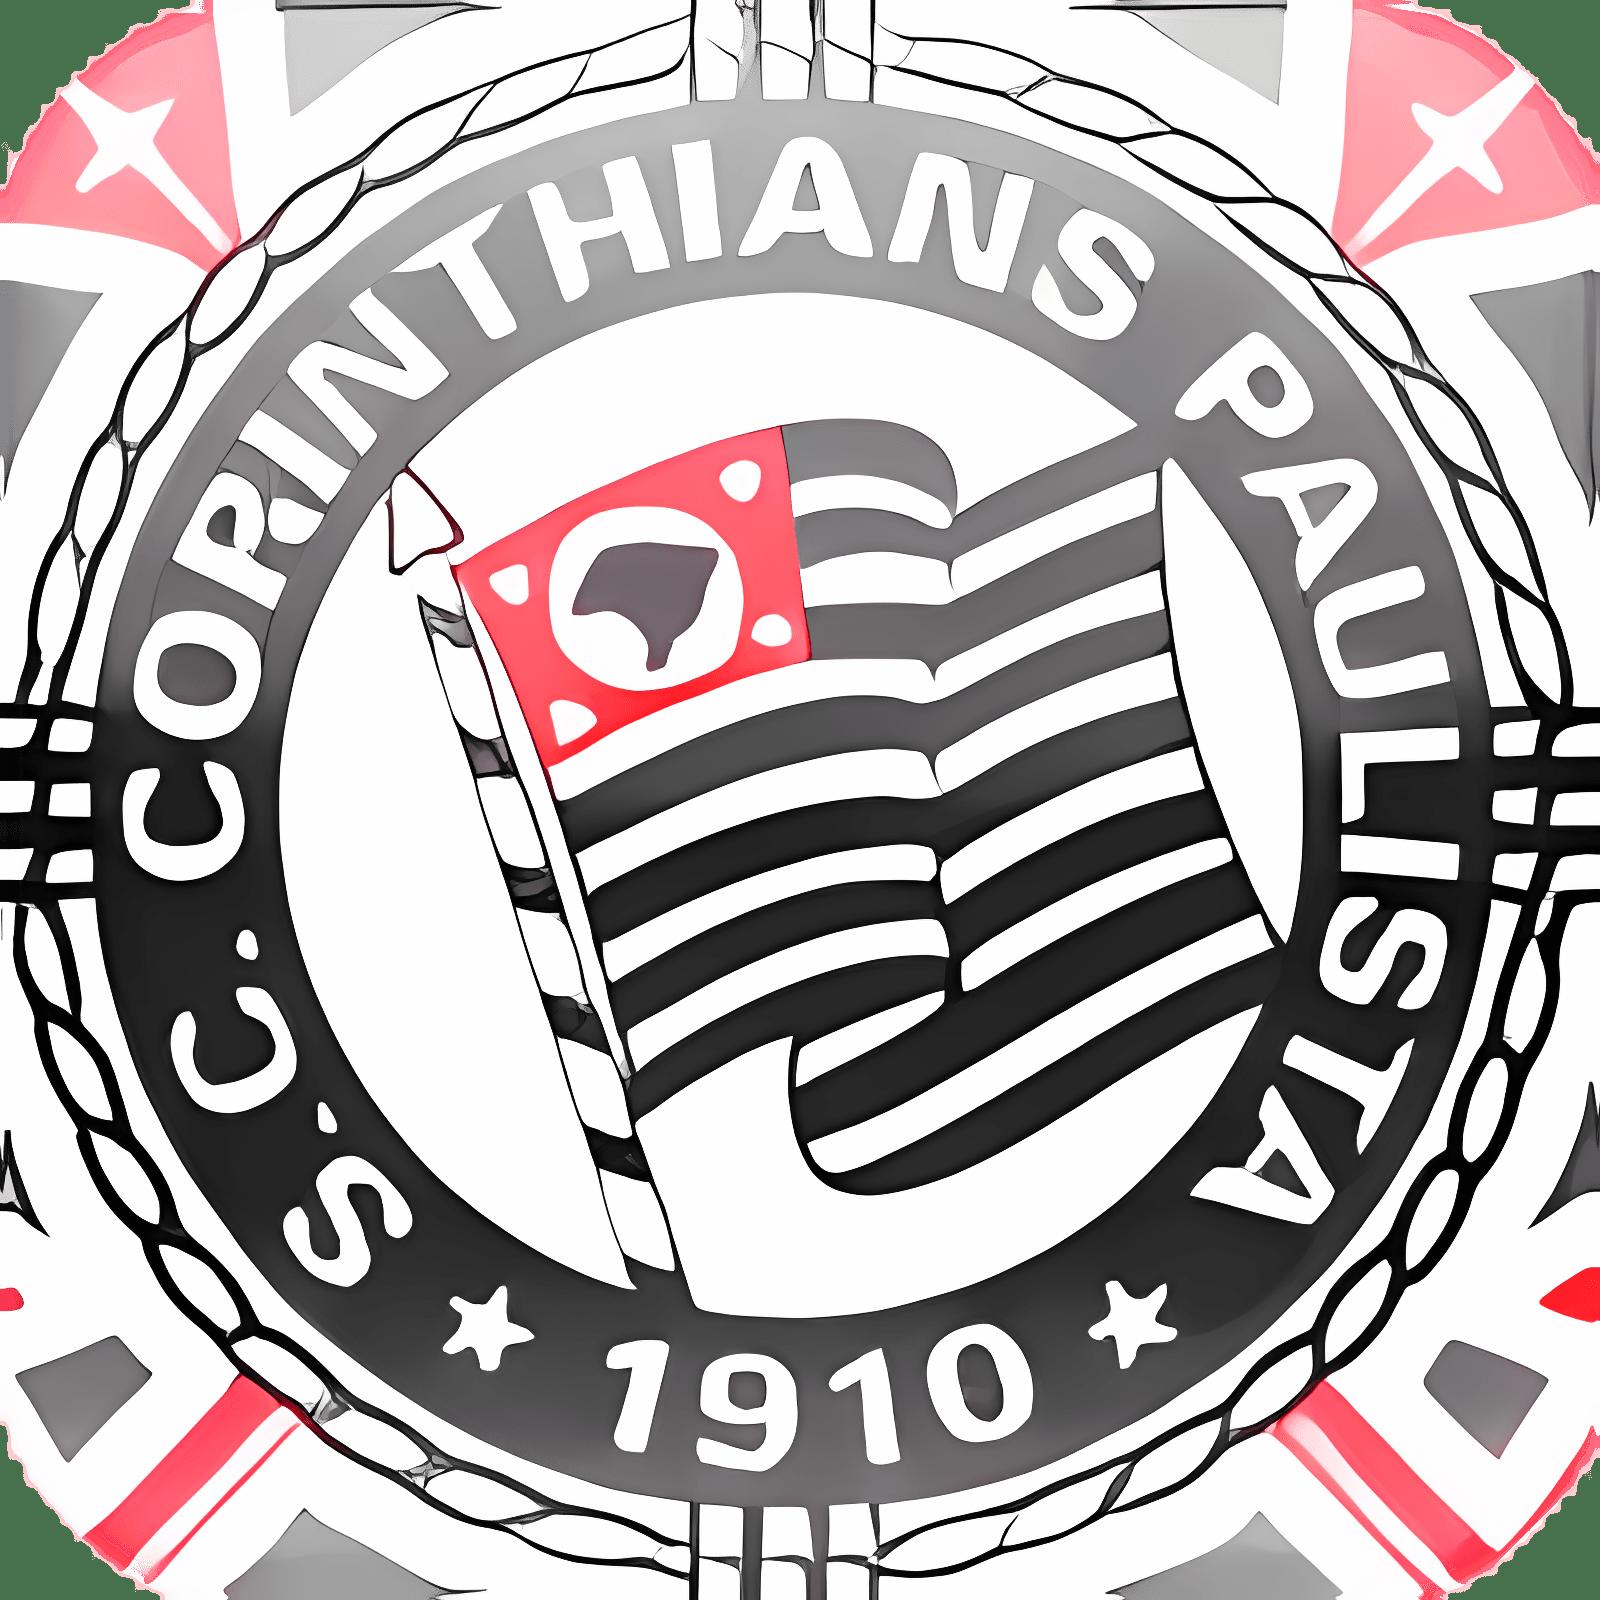 Centenário do Corinthians